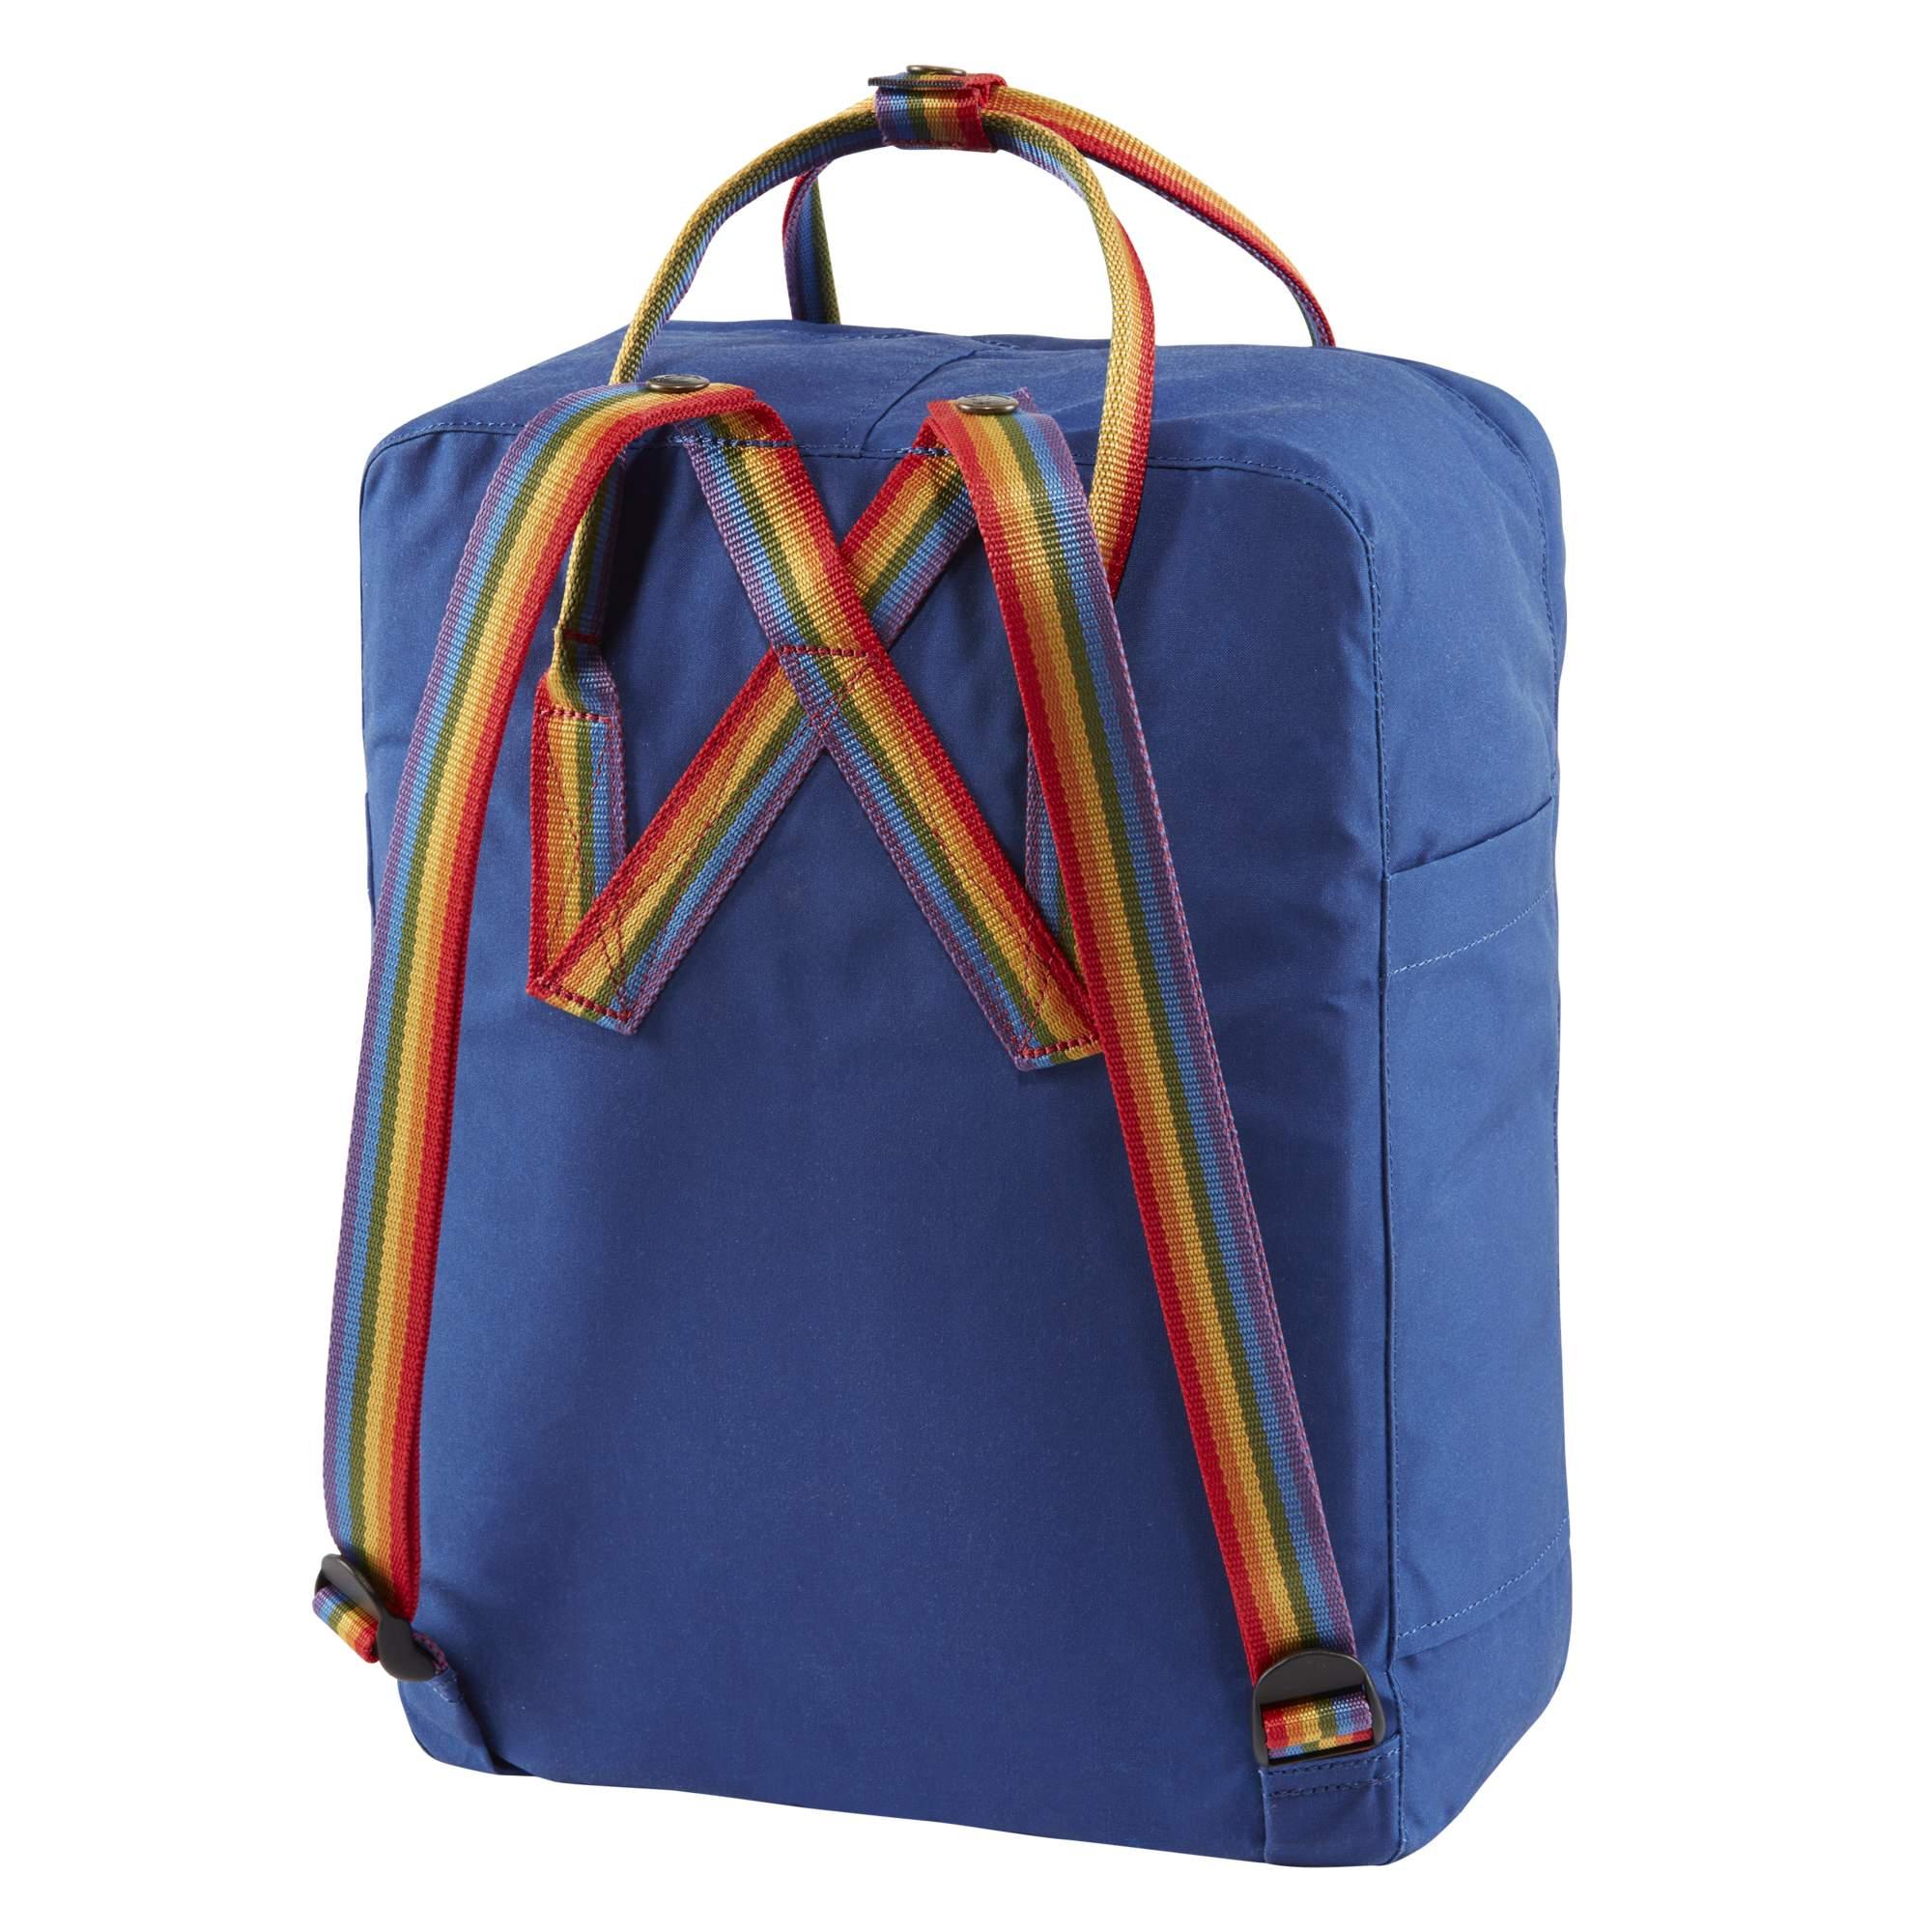 edbc6cf11524e Plecak Fjallraven - Kanken Rainbow  Plecak Fjallraven - Kanken Rainbow